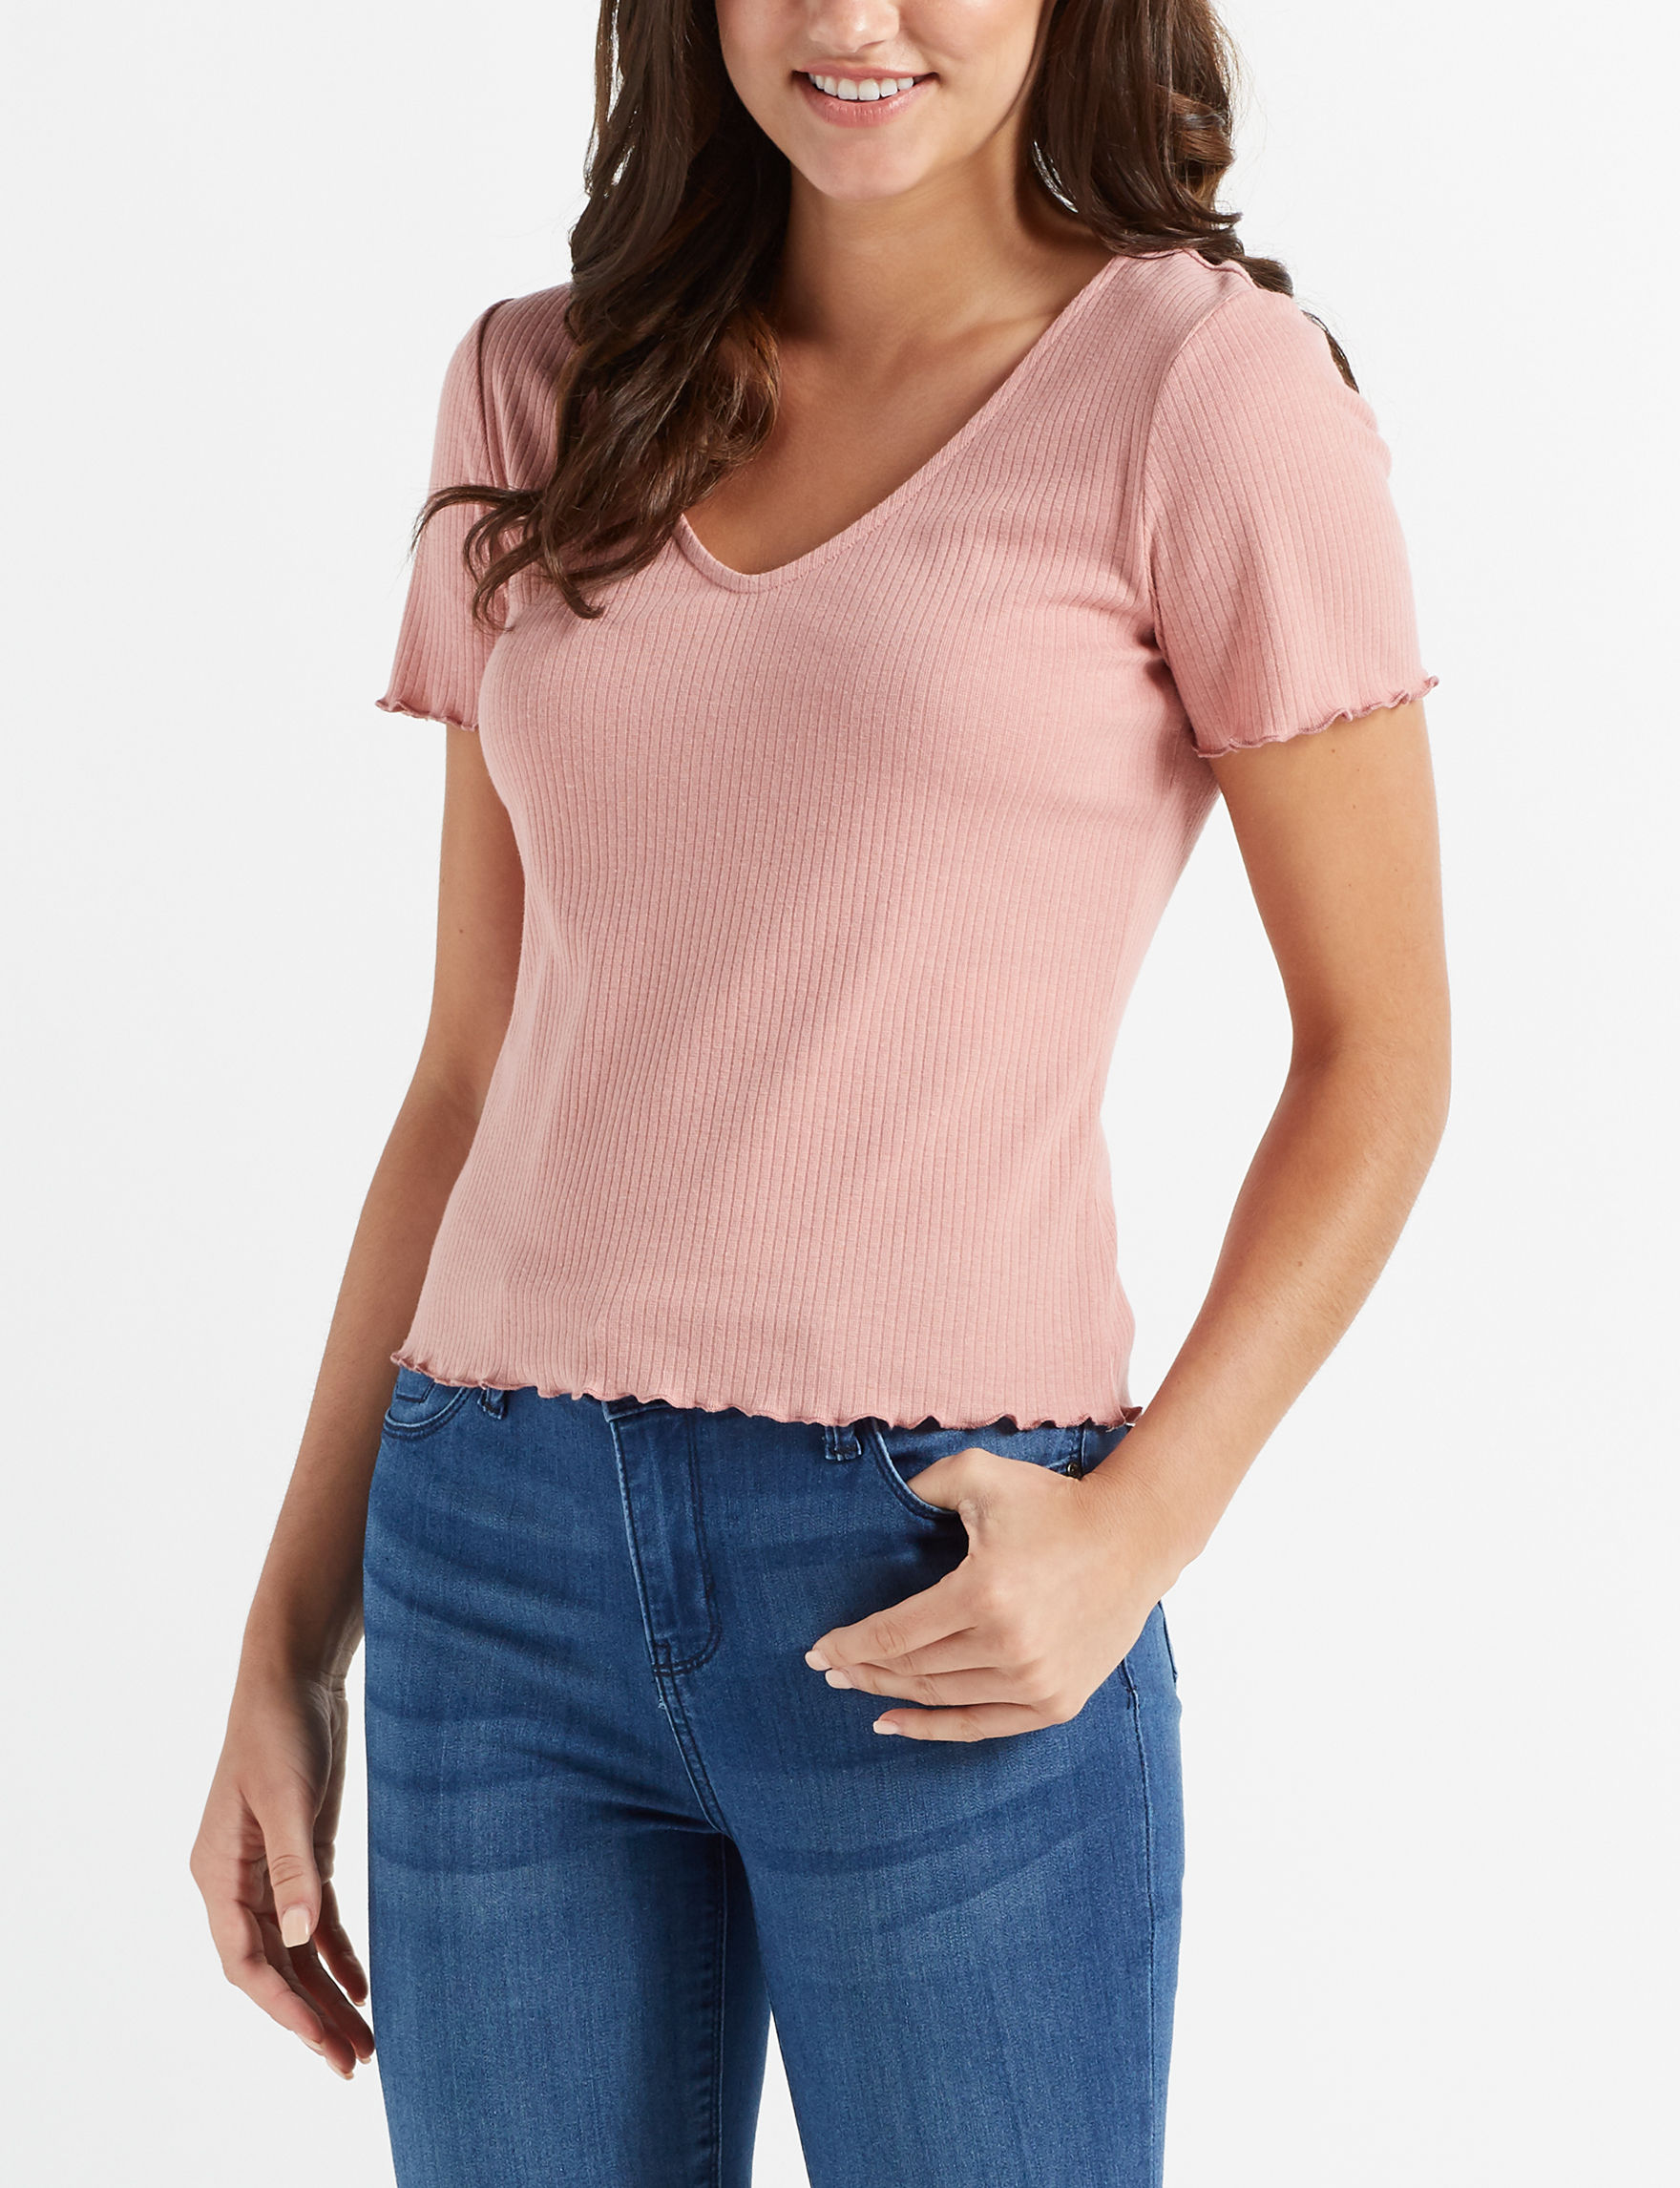 Leighton Rose Shirts & Blouses